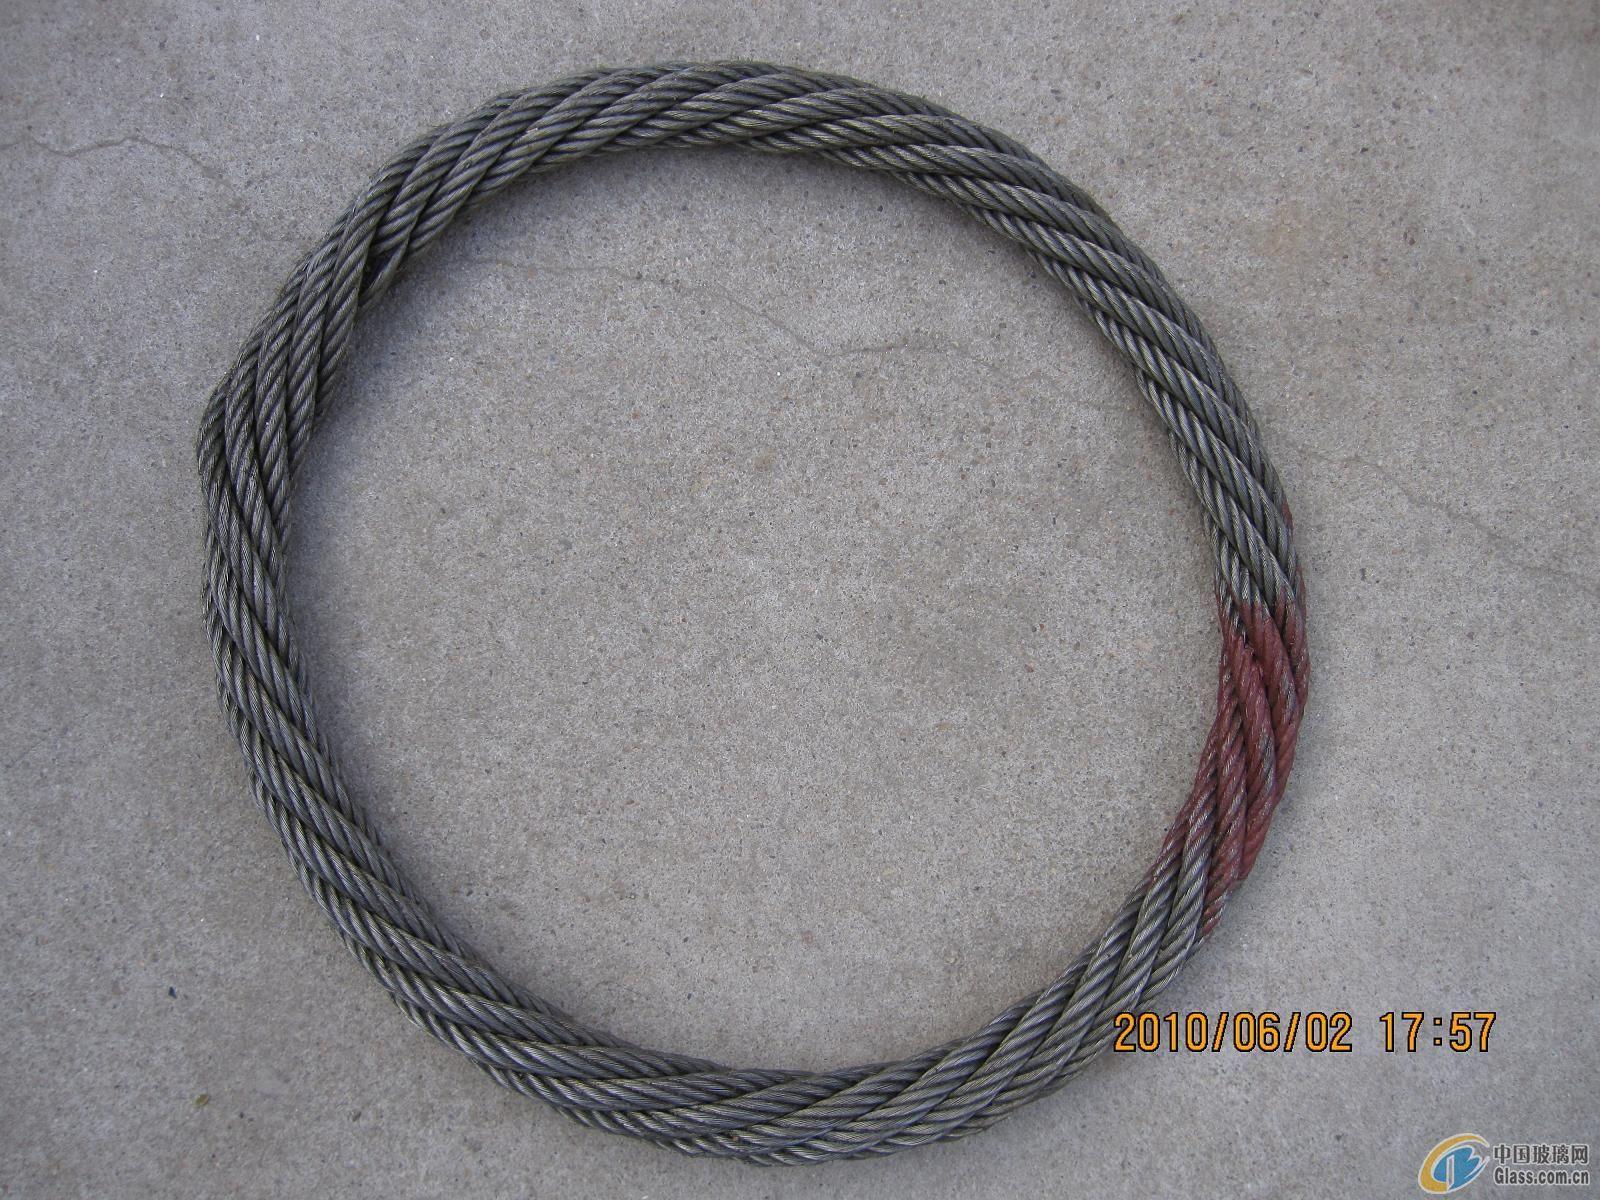 无接头钢丝绳索具(ZS0204)详细介绍:   无接头钢丝绳索具厂家介绍 江苏正申索具有限公司是集研制、开发、生产为一体的专业生产厂家,主要产品有各种规格型号钢丝绳、钢丝绳索具、尼龙绳吊索具、特种纤维柔性吊装带系列、扁平吊带系列、安全网系列、安全带系列、起重链条系列、横梁吊具系列、冶金夹具系列以及三动工具系列。产品广泛应用于冶金、机械、铁道、石化、港口、电力、汽车、航空、建筑等领域。 公司技术力量雄厚,工艺先进,检测设施齐全,质量保证体系过硬。产品由中国人民财产保险股份有限公司承担产品质量责任保险,获得了